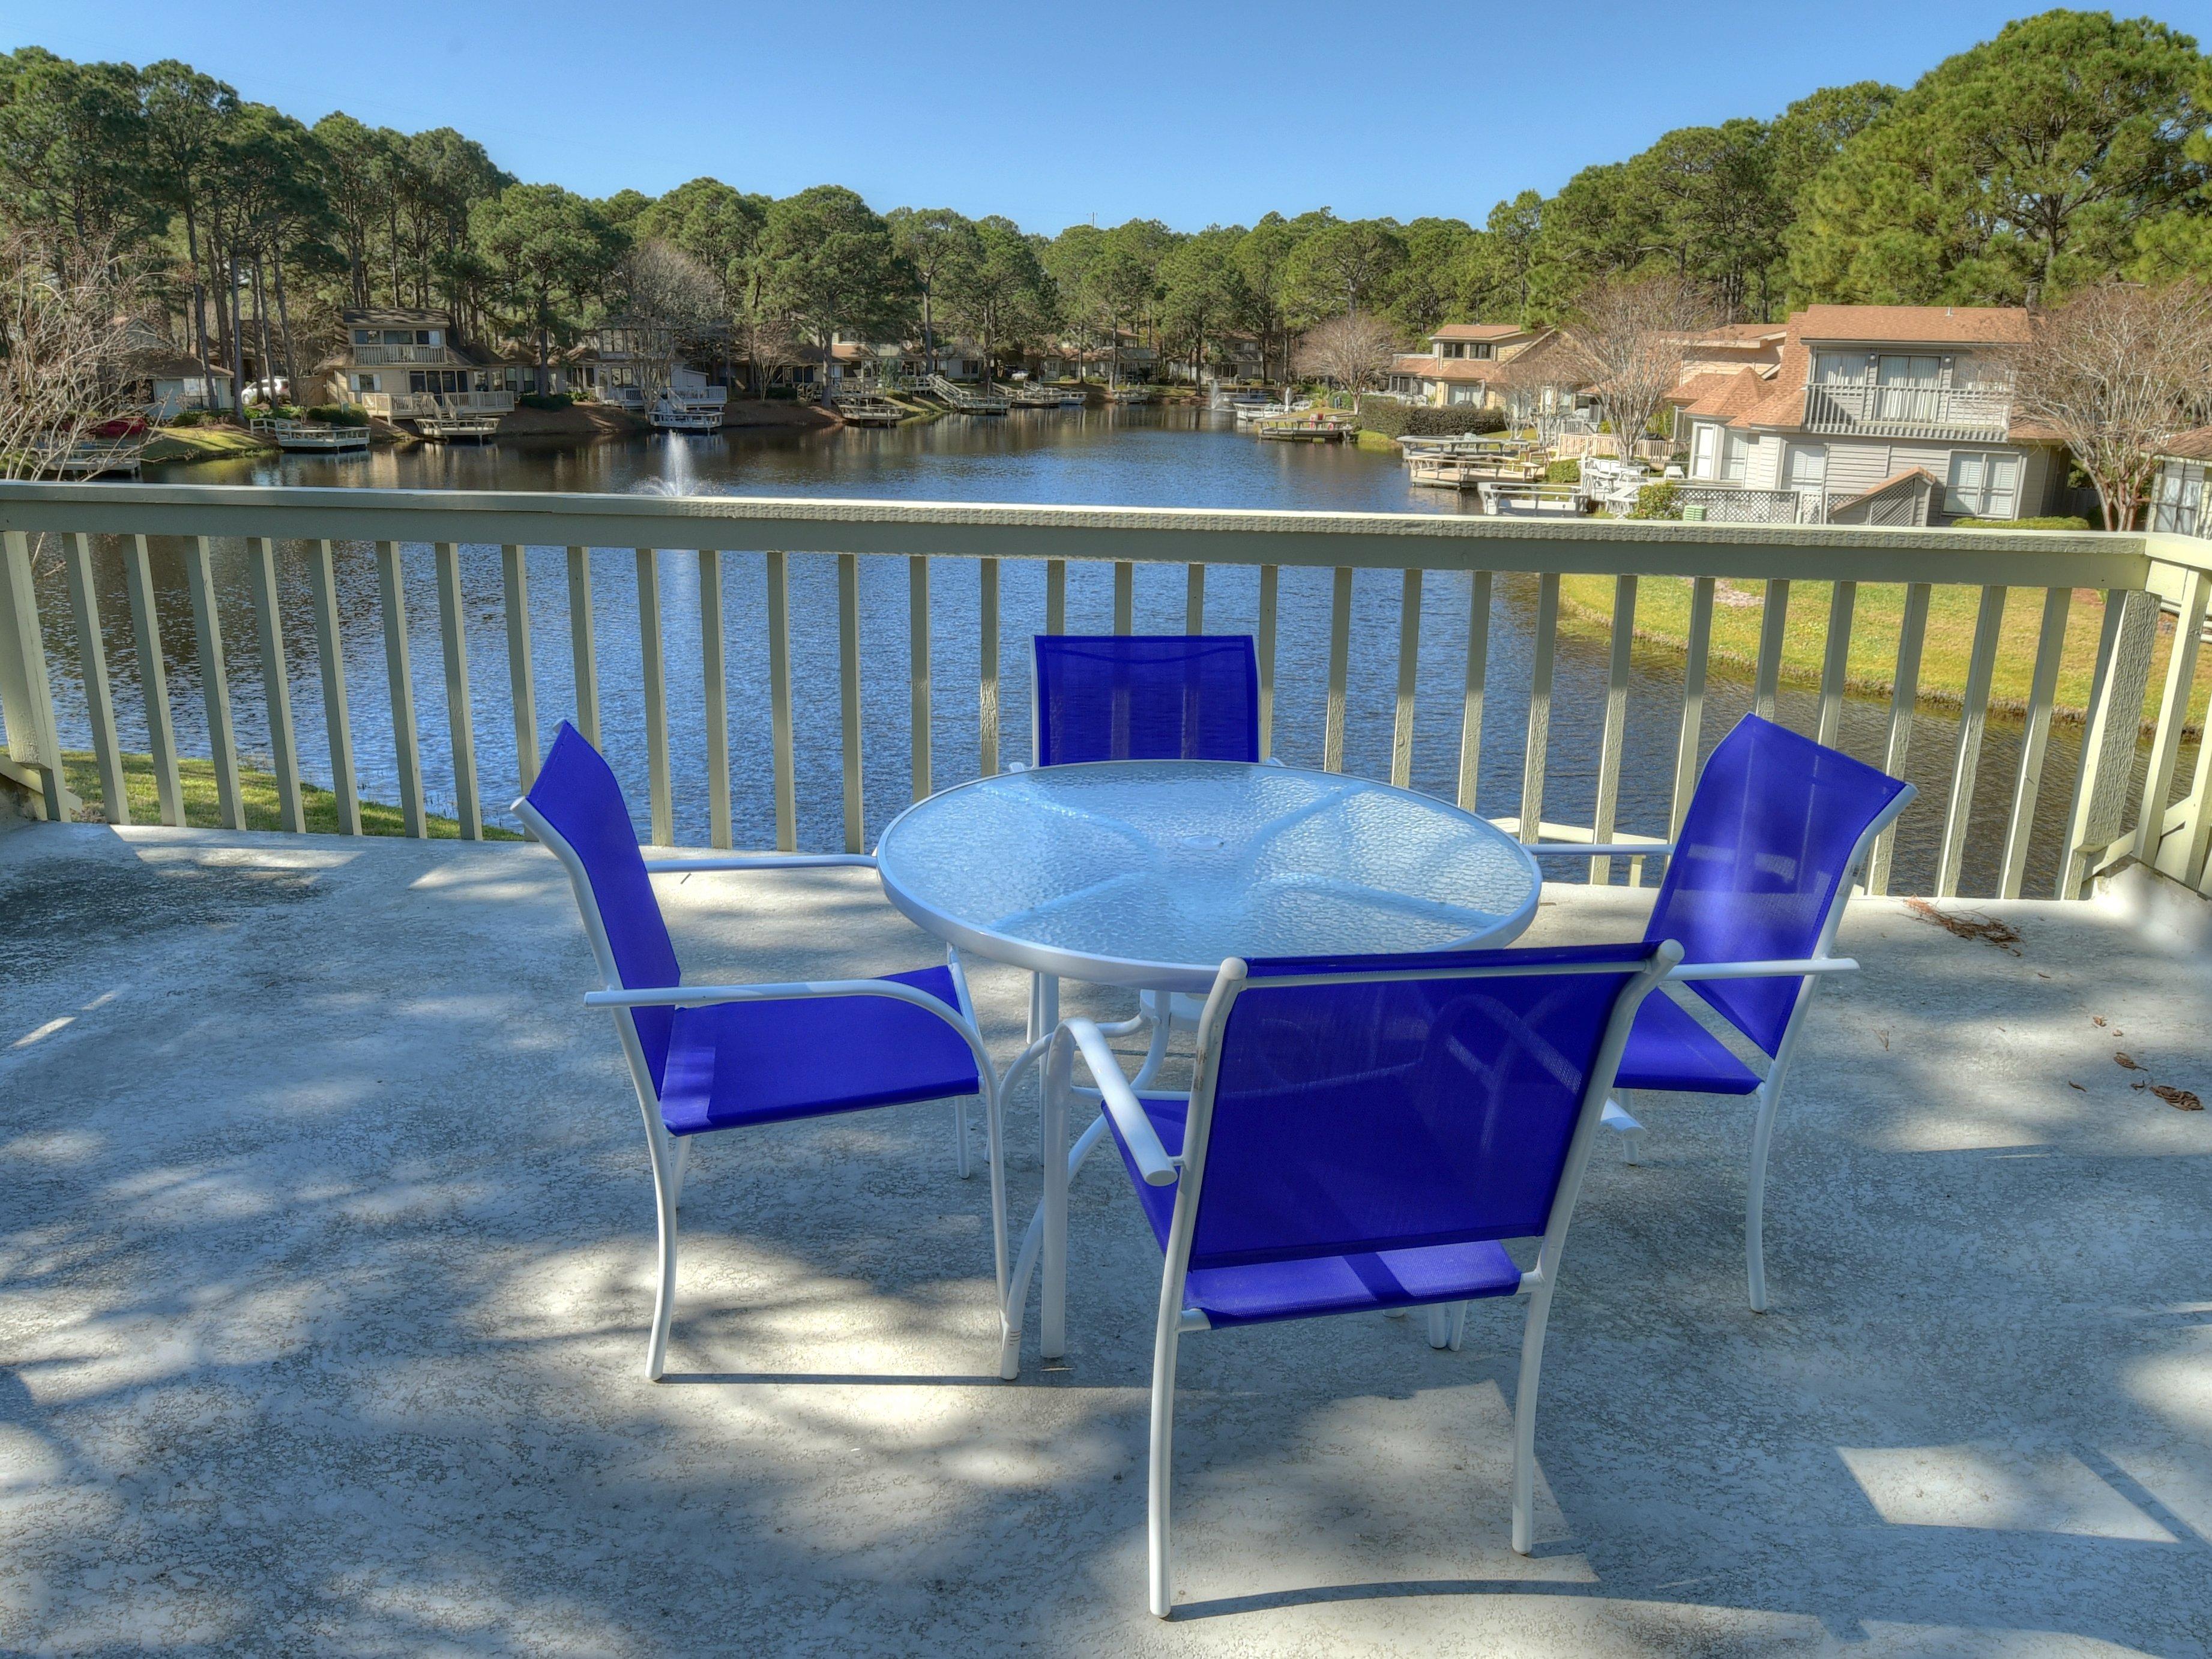 205 Fairways Condo rental in Sandestin Rentals ~ Cottages and Villas  in Destin Florida - #20